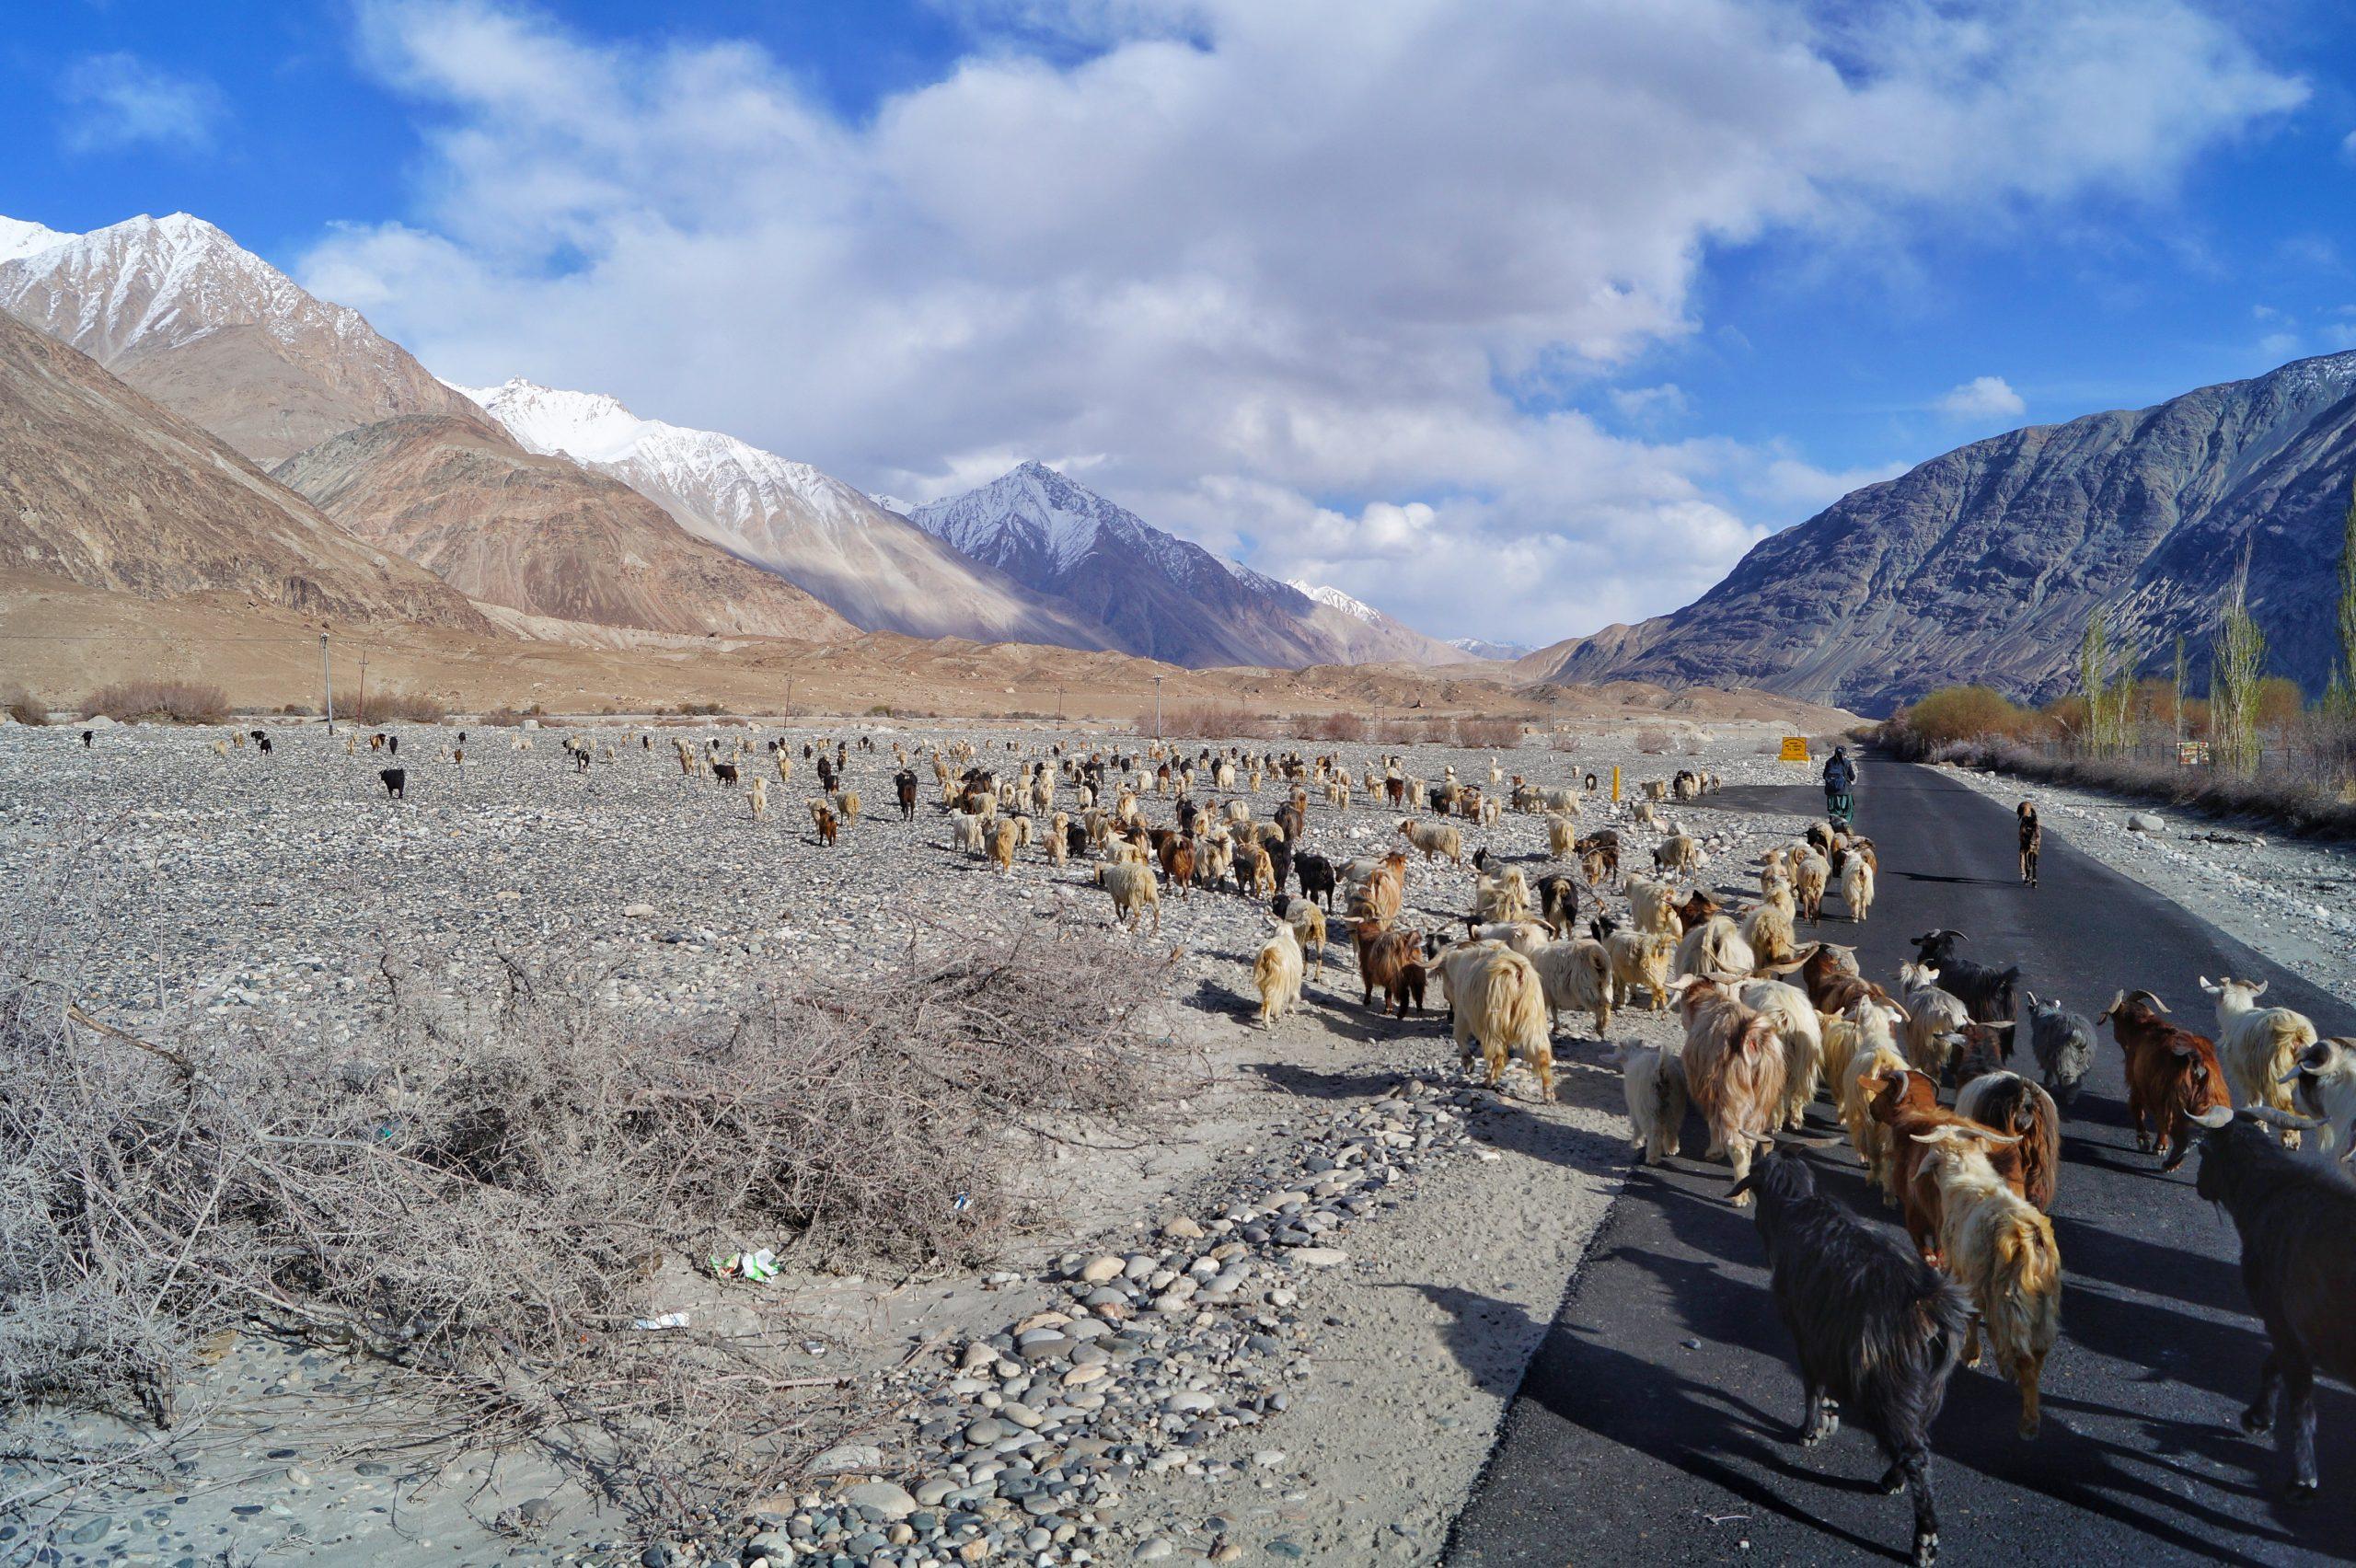 Number of Herd Photo